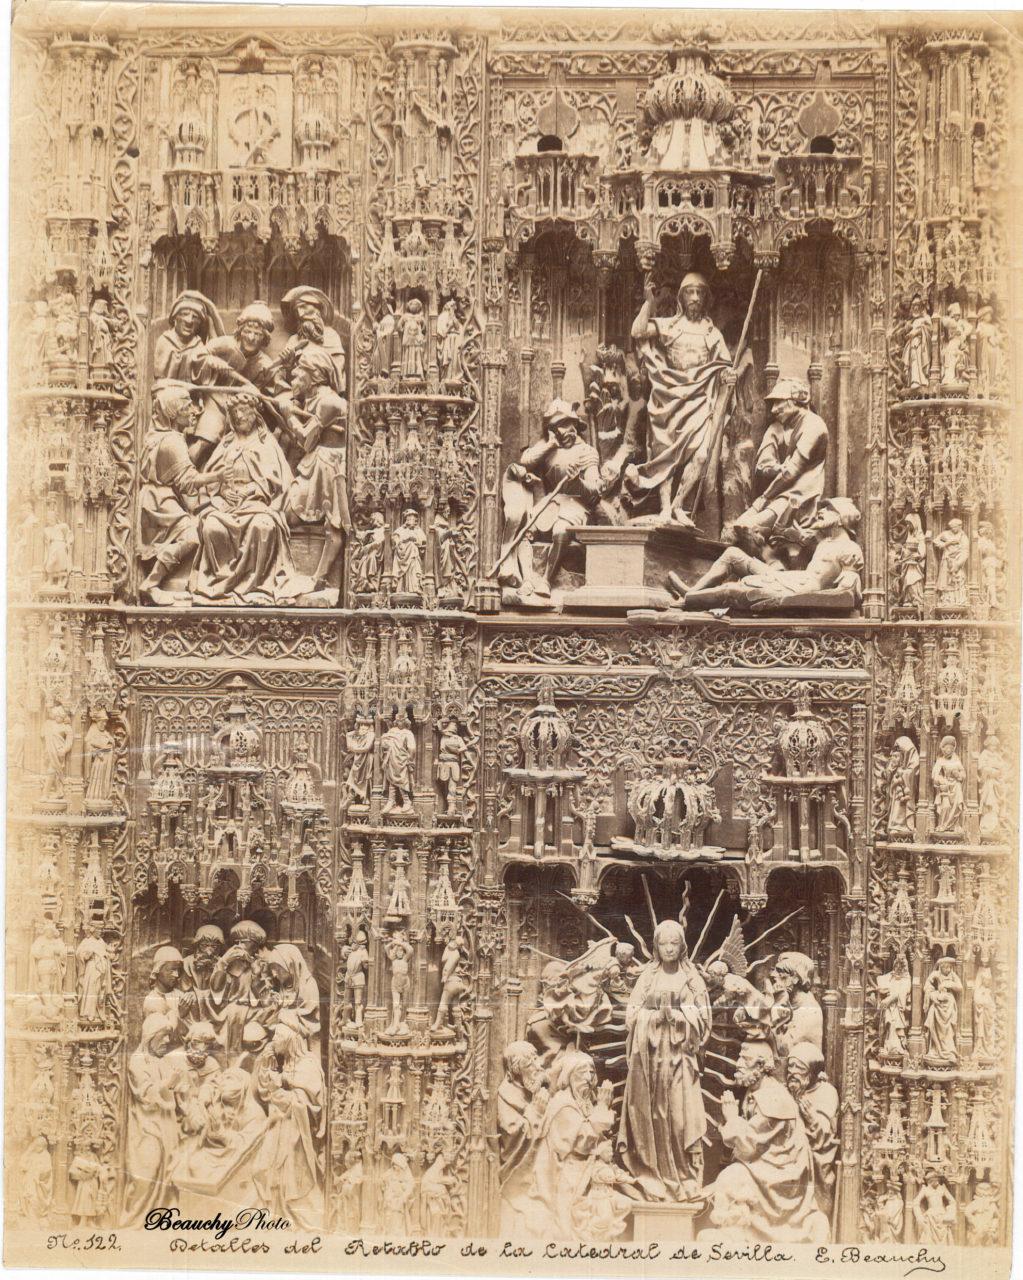 Beauchyphoto_Detalles_del_Retablo_de_la_Catedral_de_Sevilla_2_Emilio_Beauchy_Cano_fotografias_antiguas_postales_vistas_y_monumentos